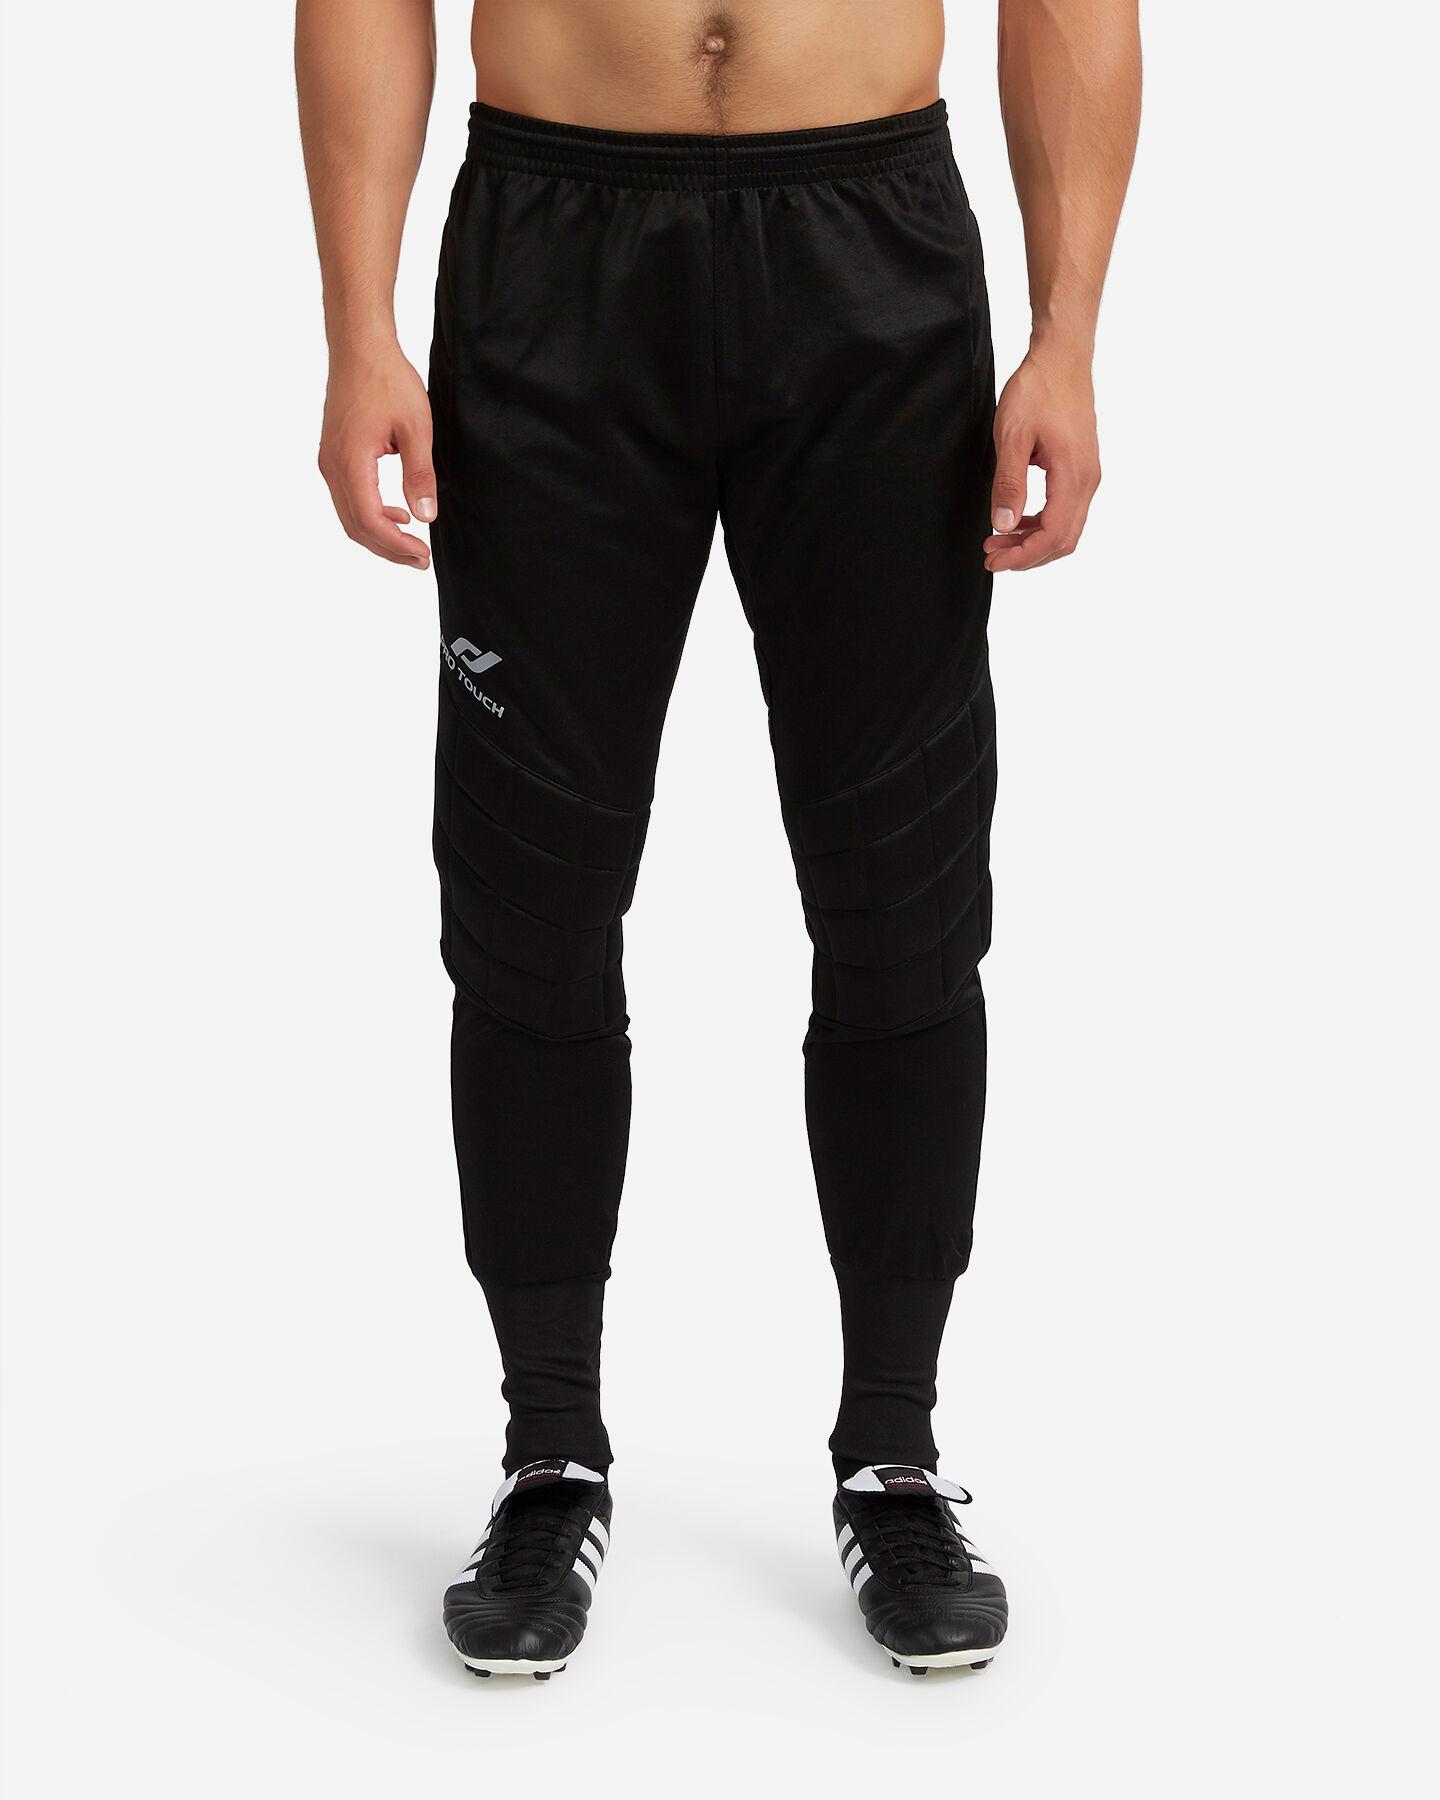 Pantaloncini calcio PRO TOUCH PORTIERE SR M S1282292 scatto 0